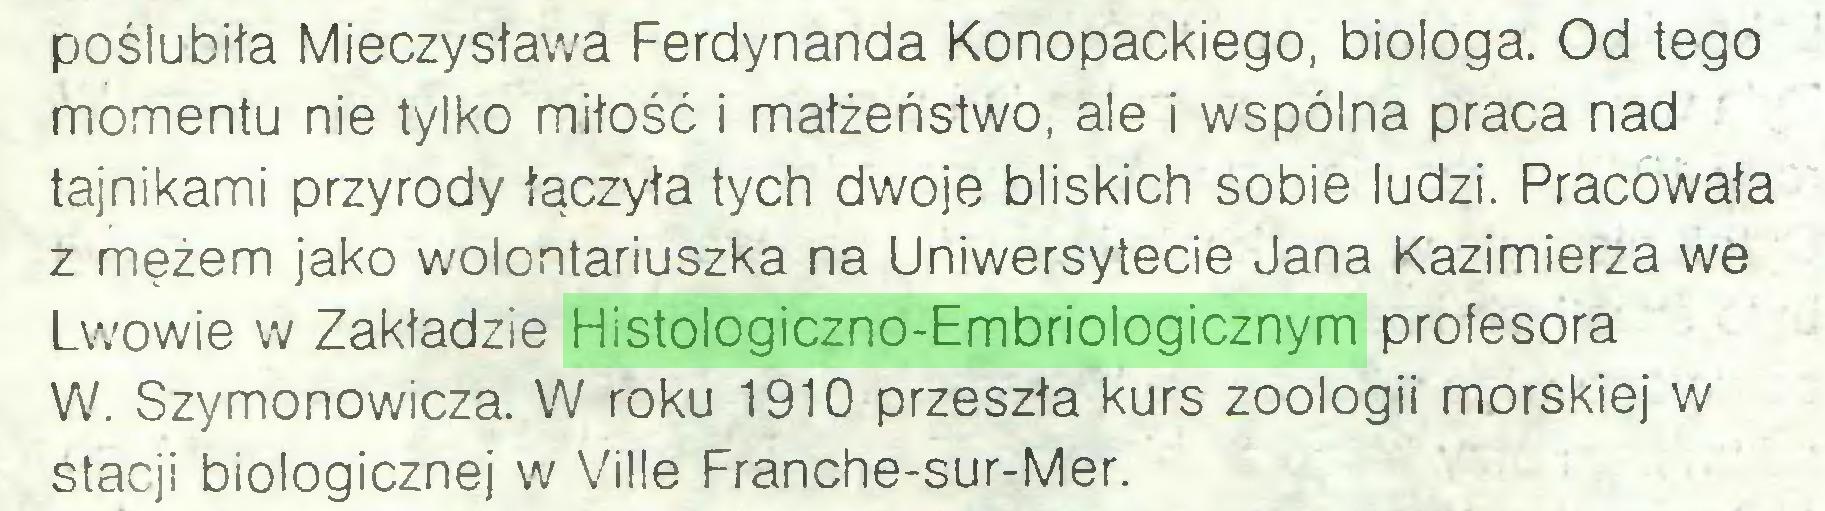 (...) poślubiła Mieczysława Ferdynanda Konopackiego, biologa. Od tego momentu nie tylko miłość i małżeństwo, ale i wspólna praca nad tajnikami przyrody łączyła tych dwoje bliskich sobie ludzi. Pracowała z mężem jako wolontariuszka na Uniwersytecie Jana Kazimierza we Lwowie w Zakładzie Histologiczno-Embriologicznym profesora W. Szymonowicza. W roku 1910 przeszła kurs zoologii morskiej w stacji biologicznej w Ville Franche-sur-Mer...